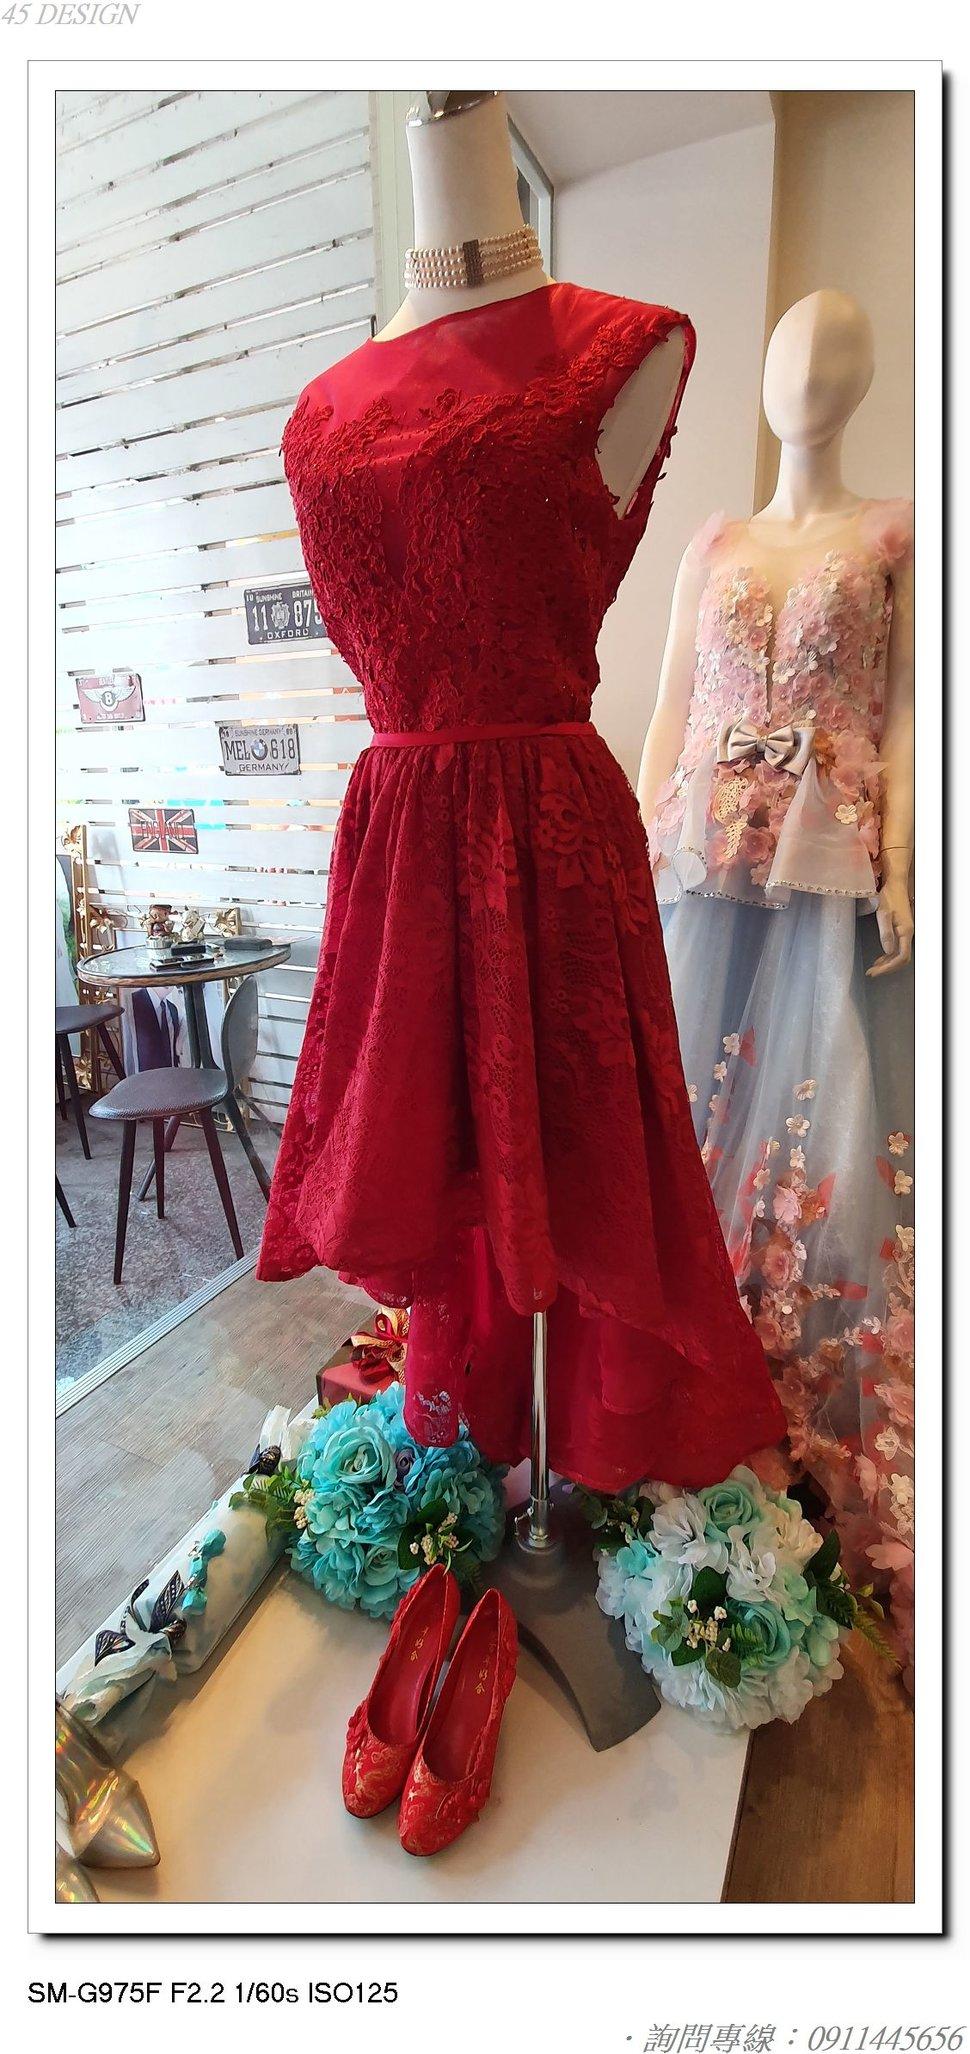 20200210_100523 - 全台最便宜-45DESIGN四五婚紗禮服《結婚吧》